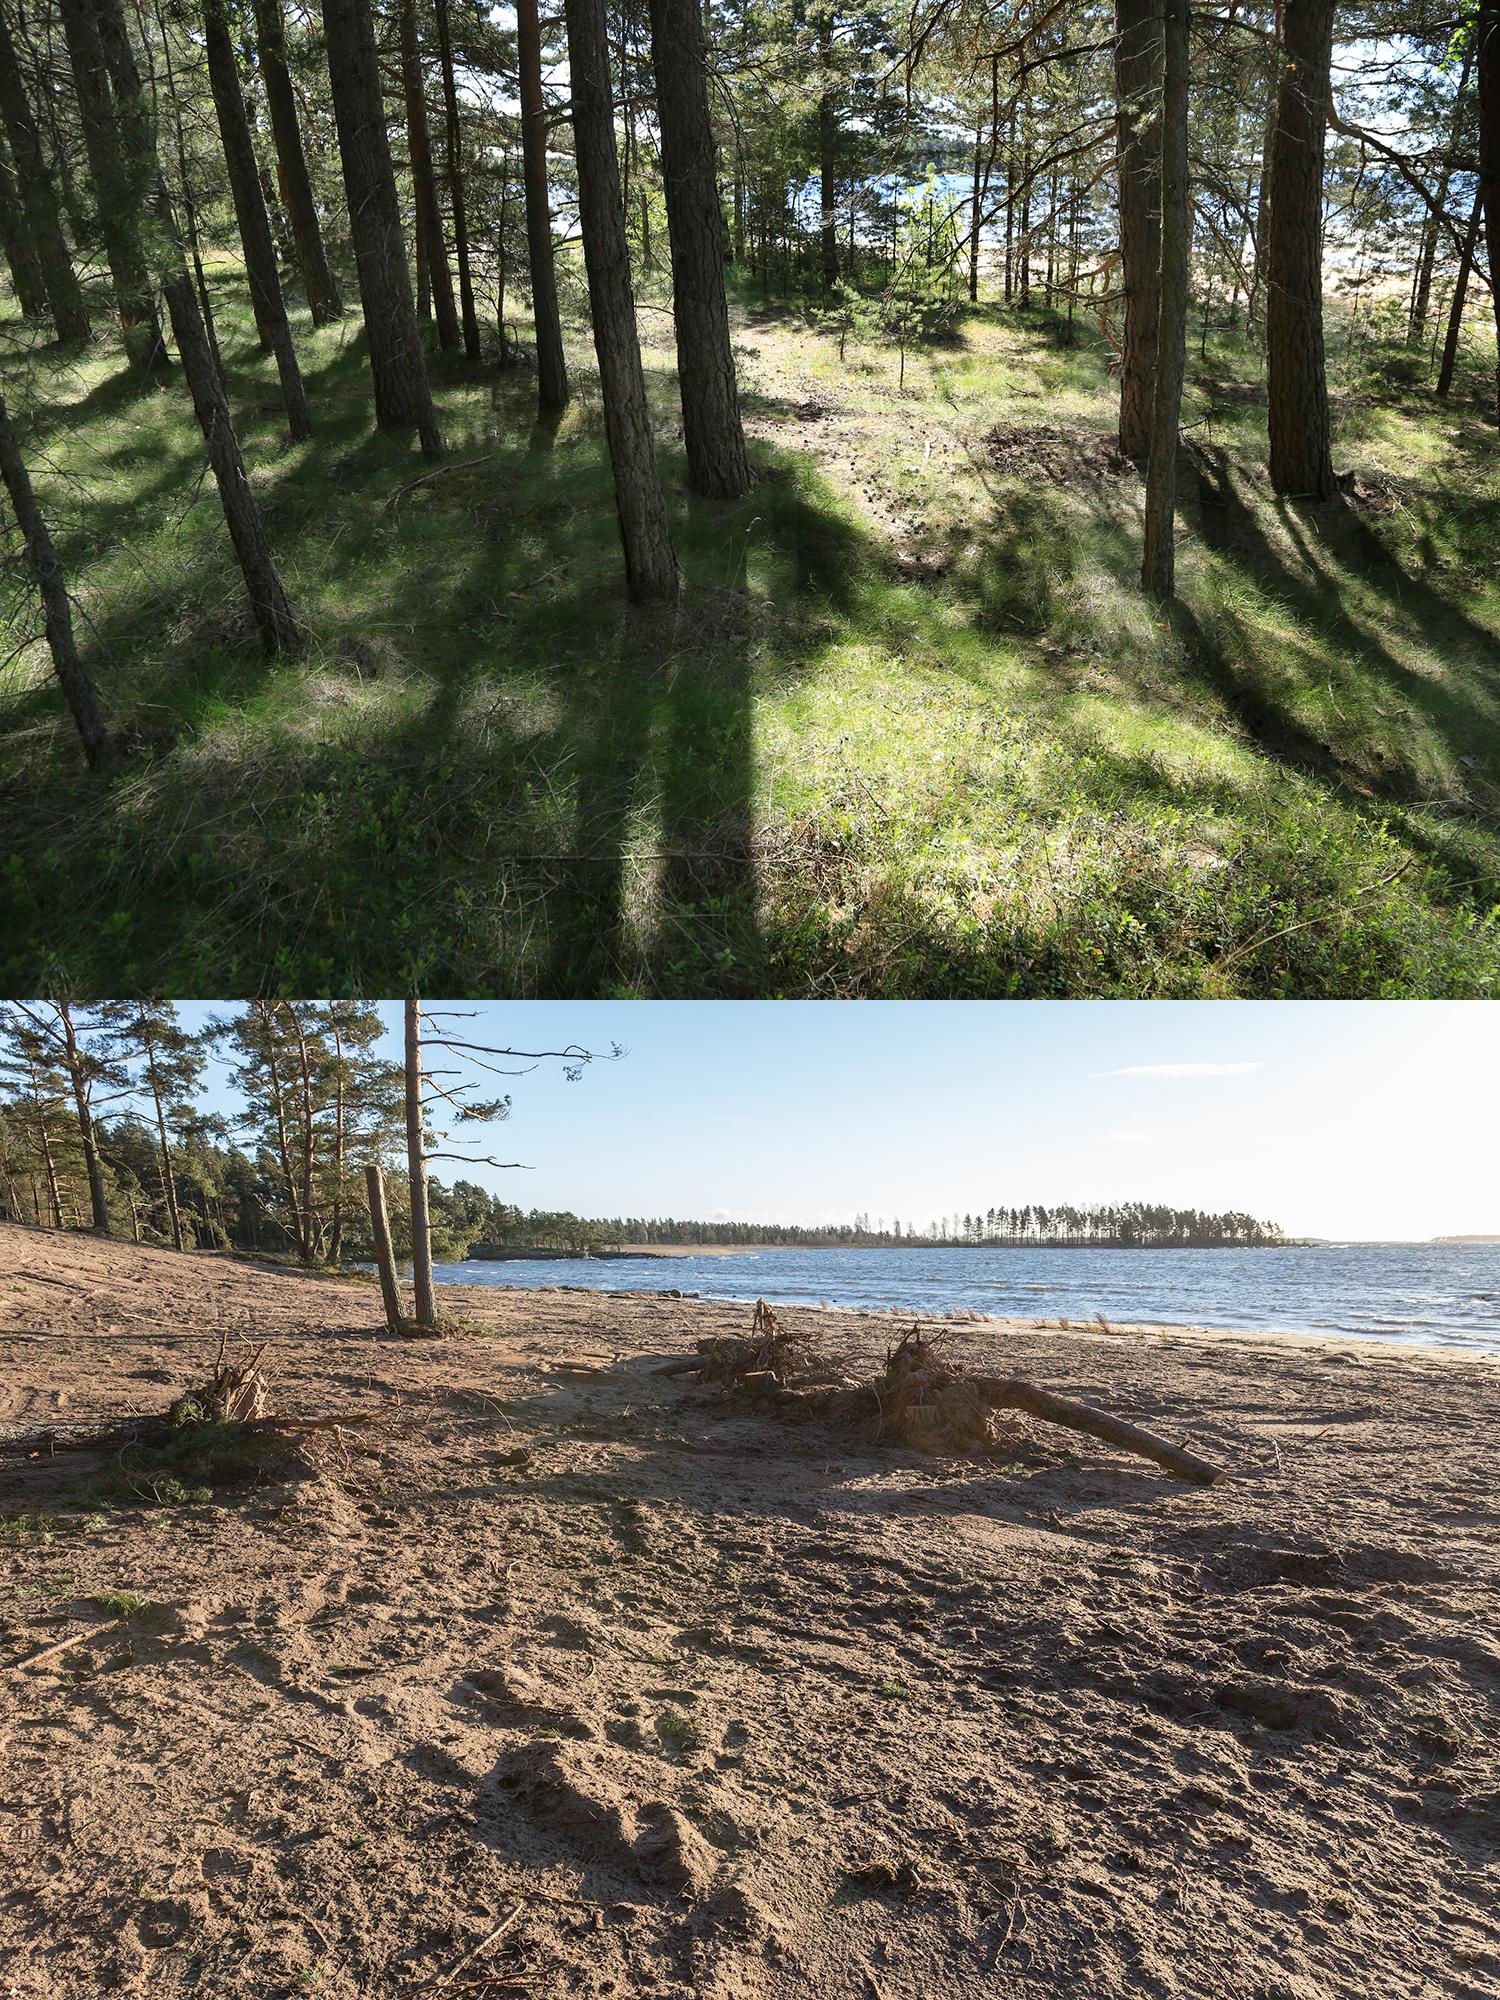 Återfotografering av sandstrand efter restaurerinsarbete.